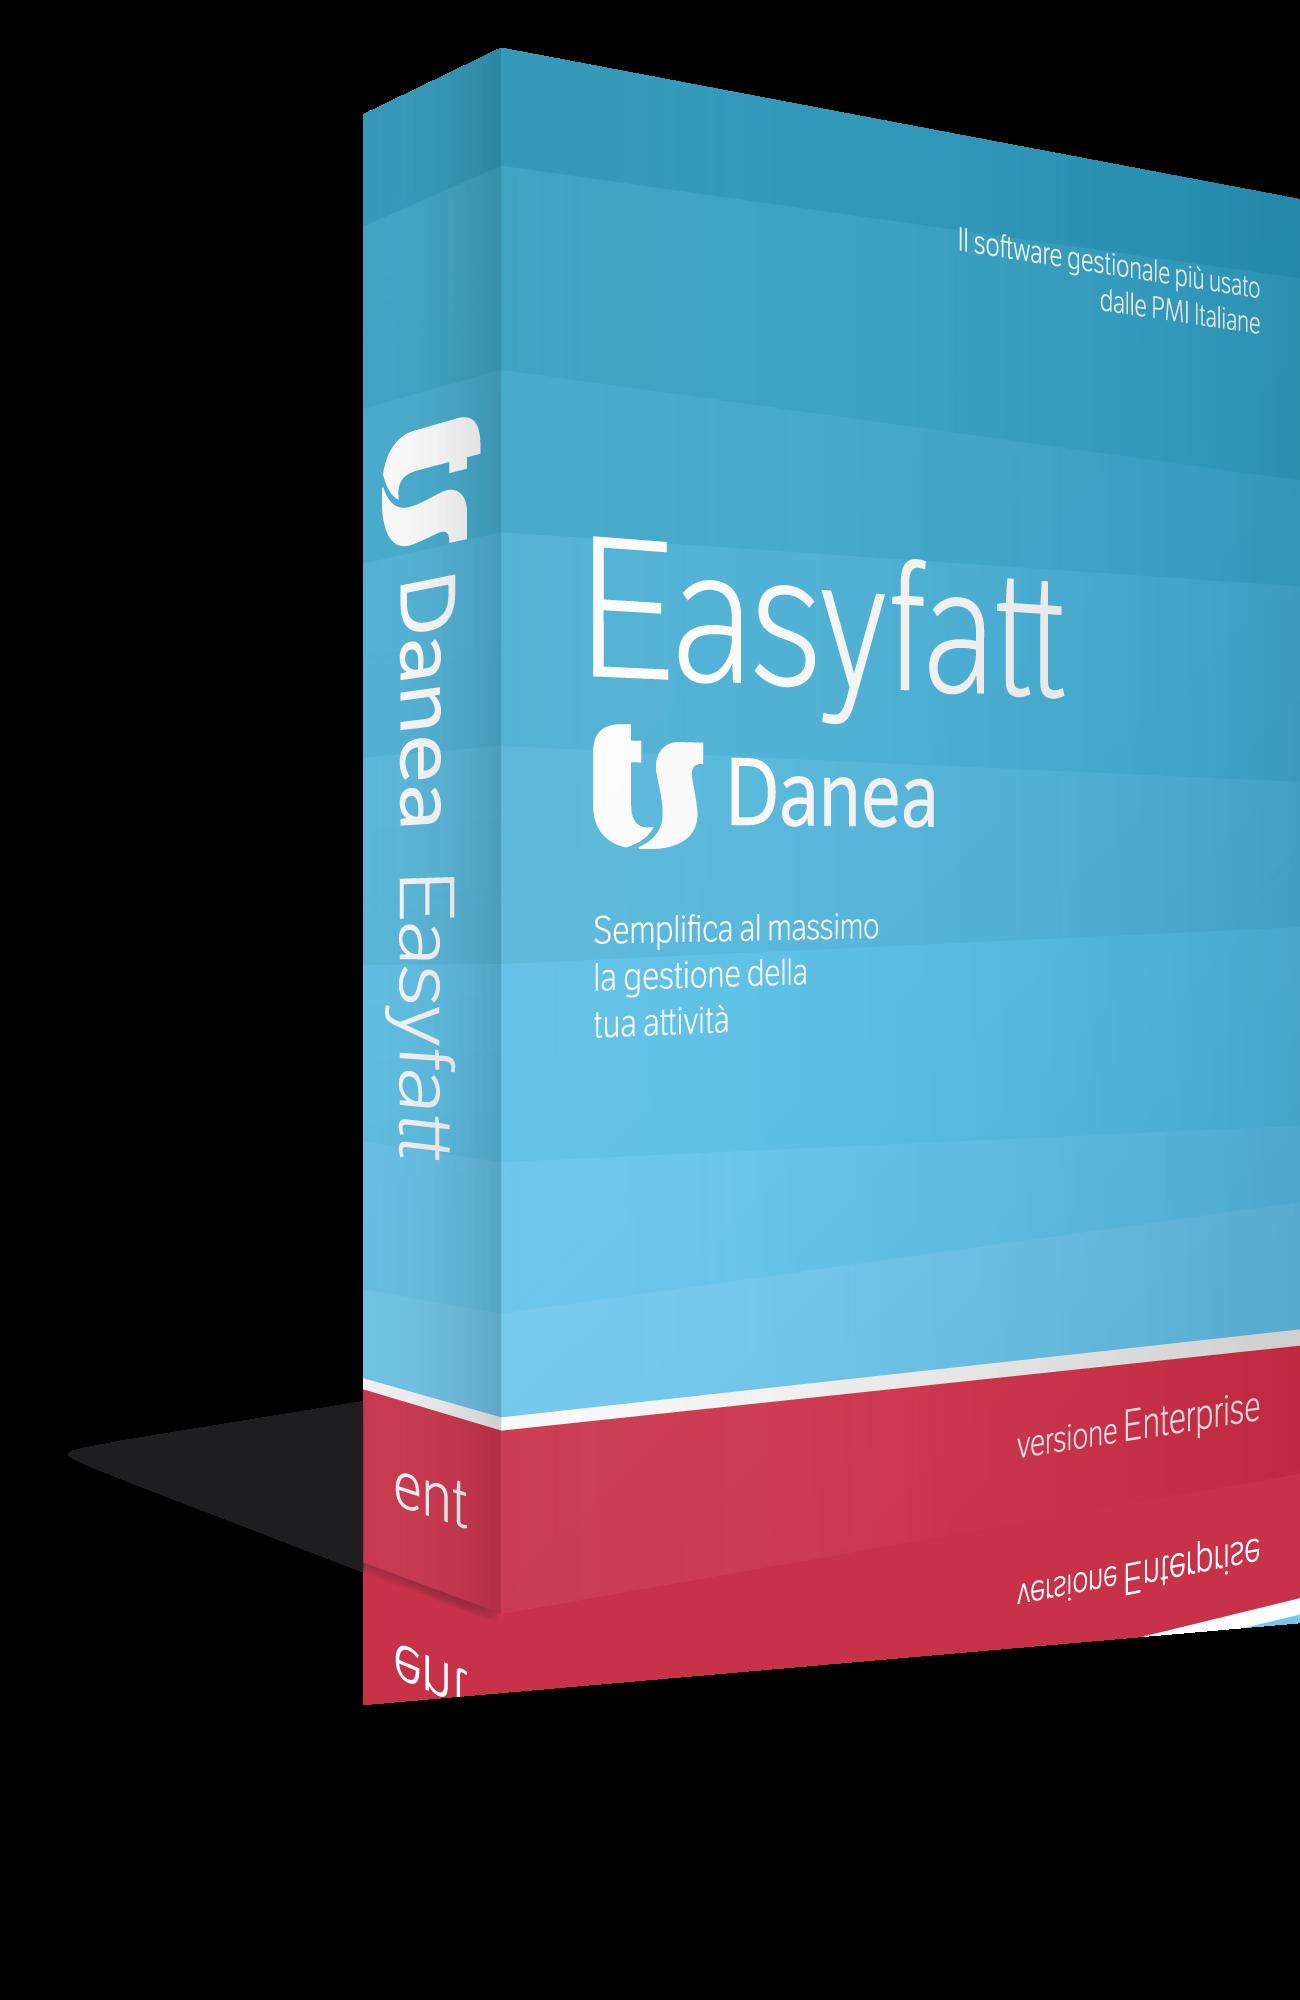 Easyfatt®